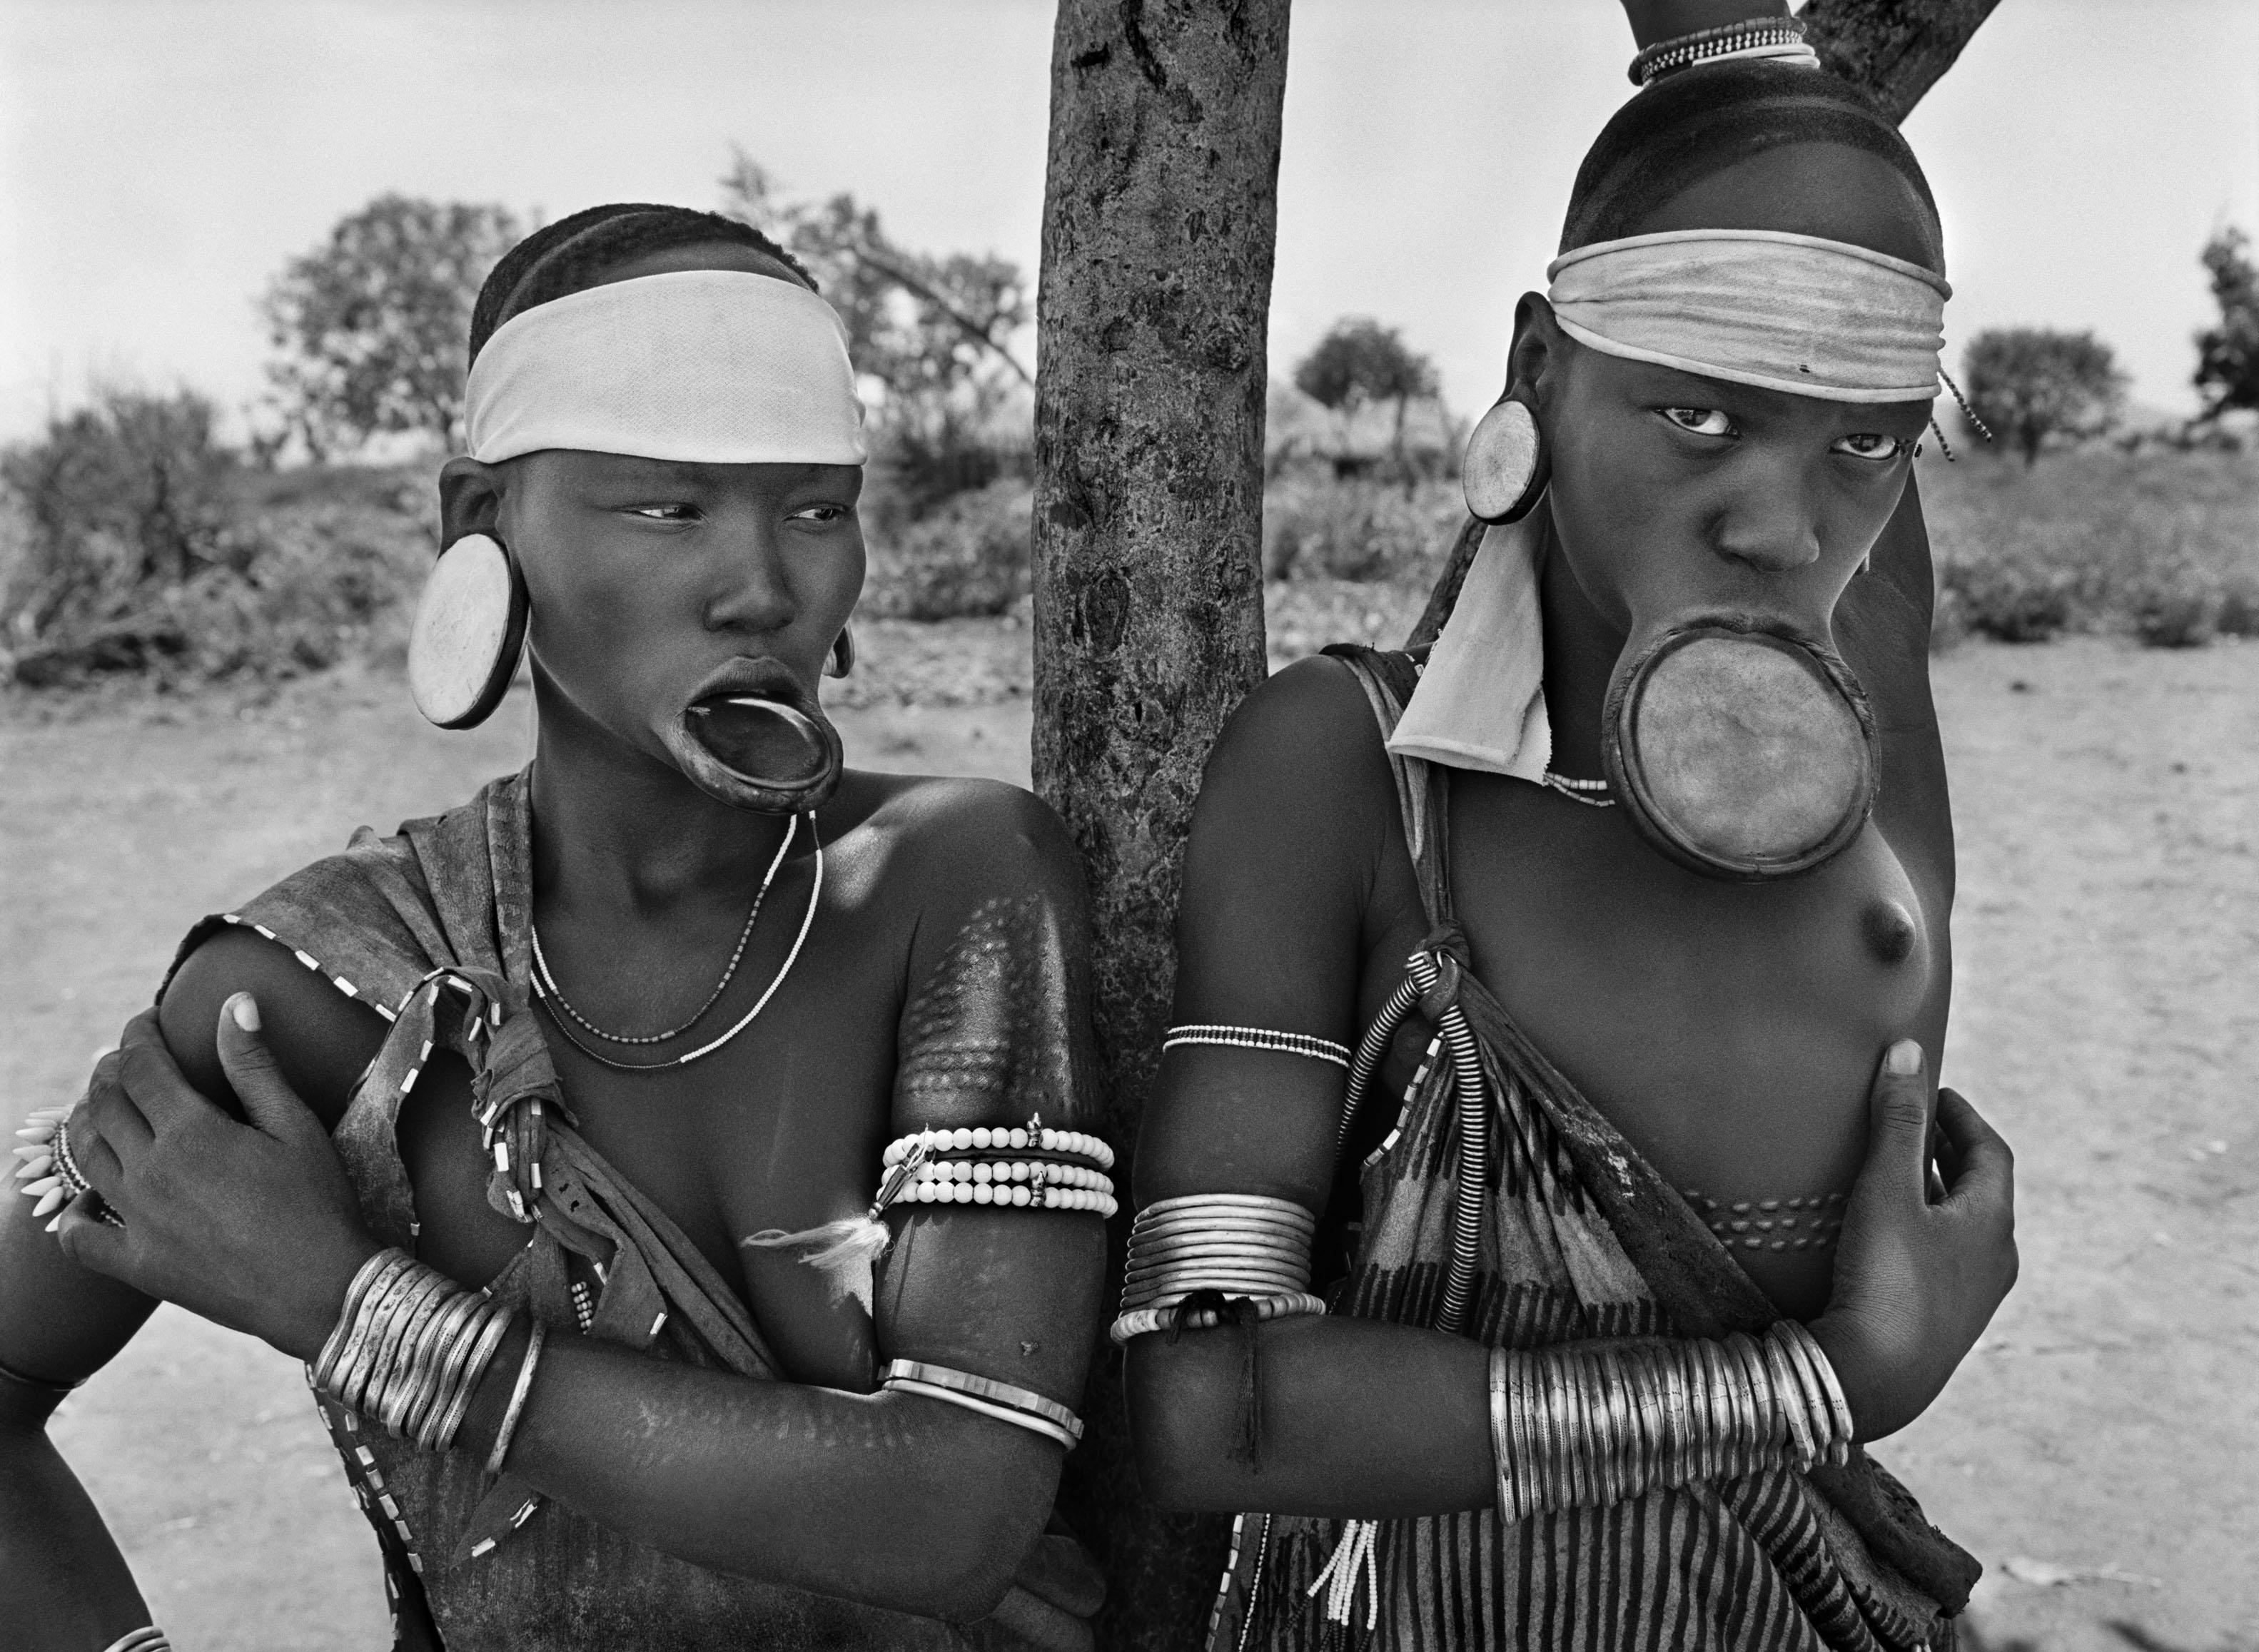 <p>As mulheres das tribos Mursi e Surma são das últimas mulheres do mundo a usar discos nos lábios. Dargui, povoação mursi no Parque Nacional de Mago, perto de Jinka, Etiópia. 2007.</p>